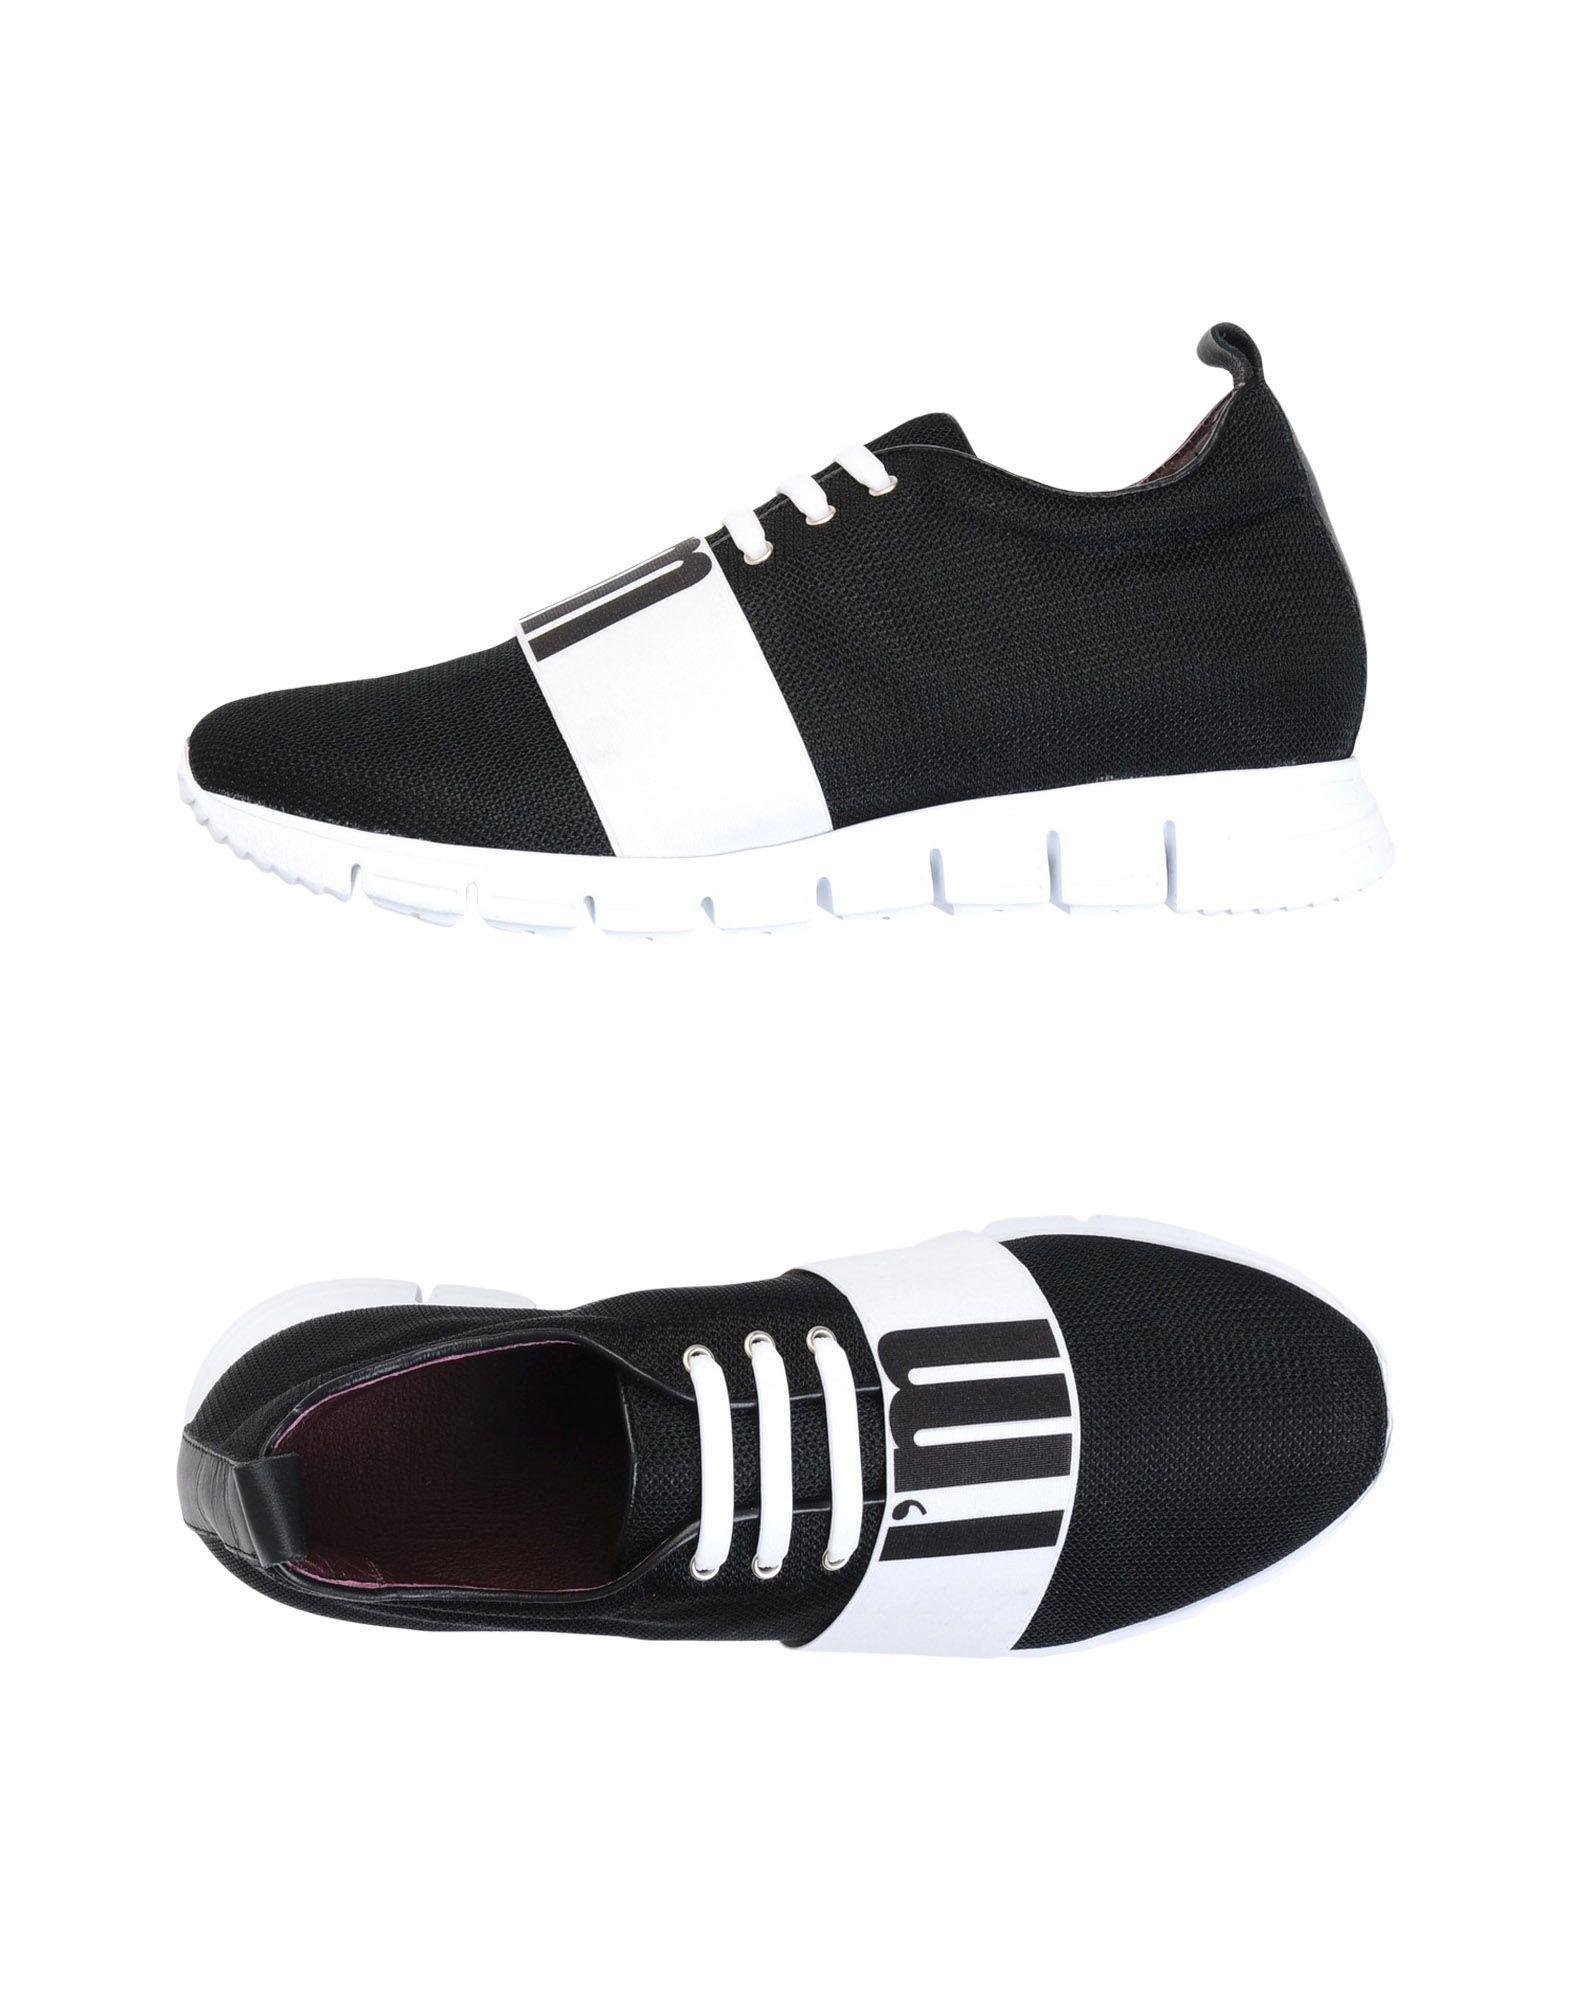 FOOTWEAR - Low-tops & sneakers I'm Isola Marras 1gFm611cO